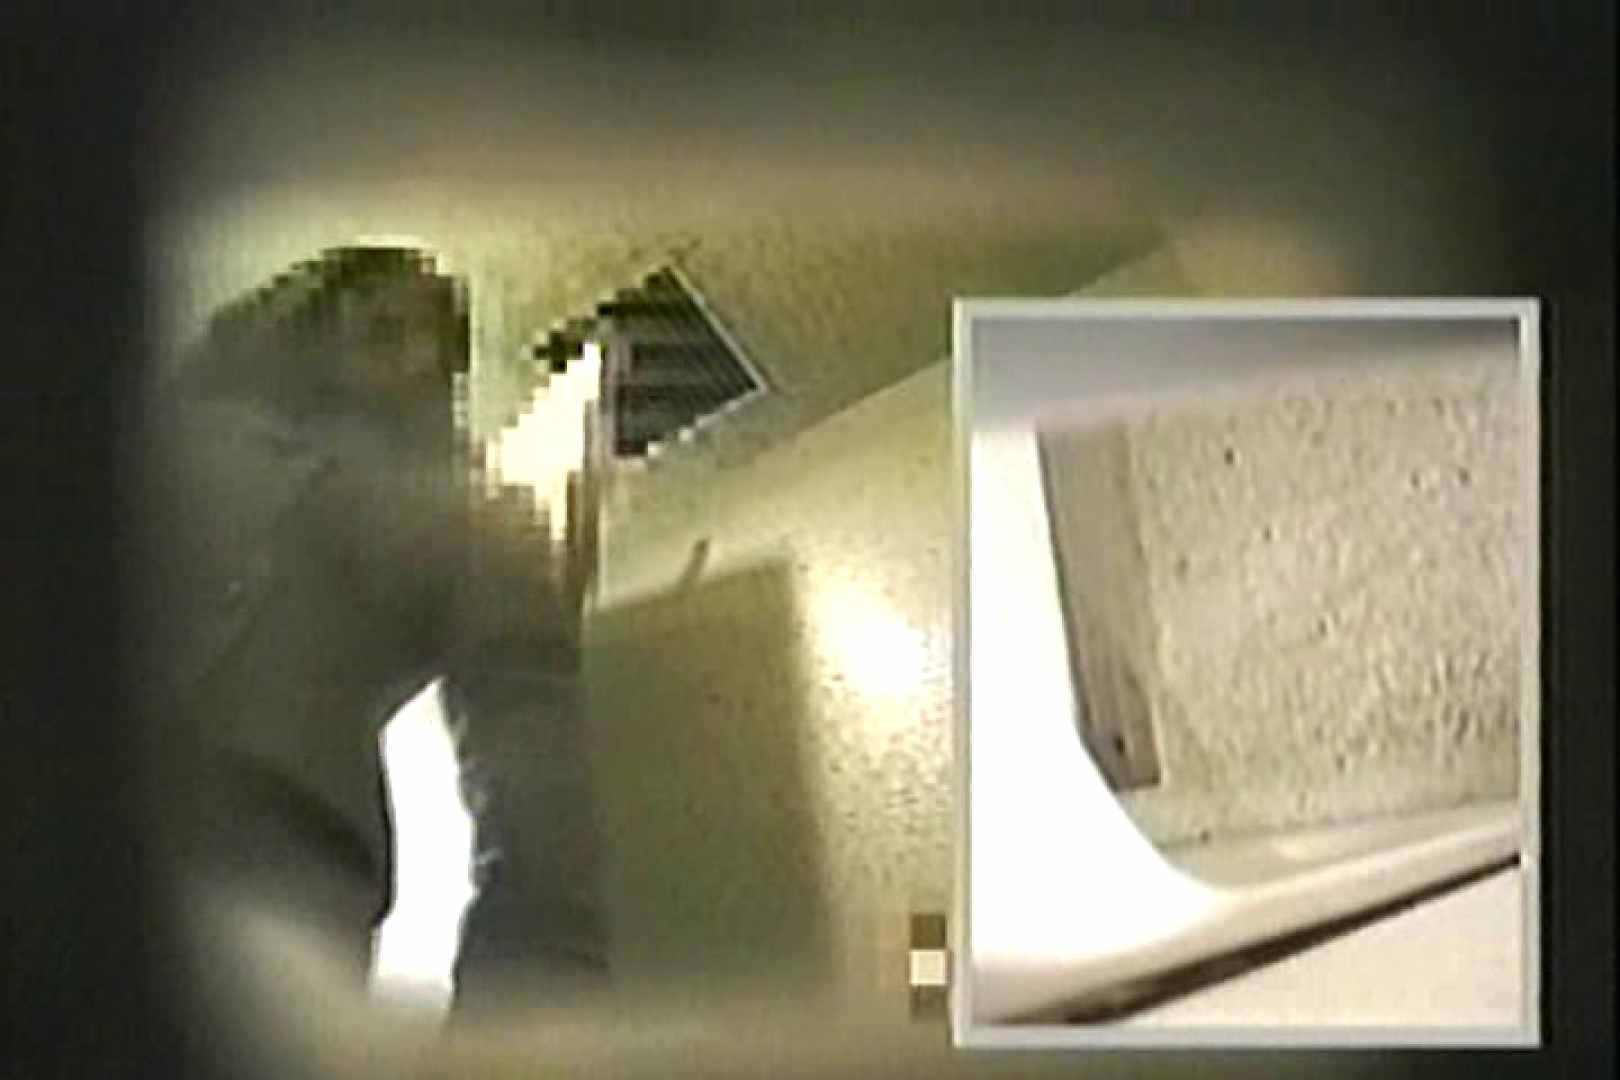 女子洗面所盗撮 今度の2カメは若い子だらけ  TK-127 マルチアングル 盗み撮り動画キャプチャ 62pic 44